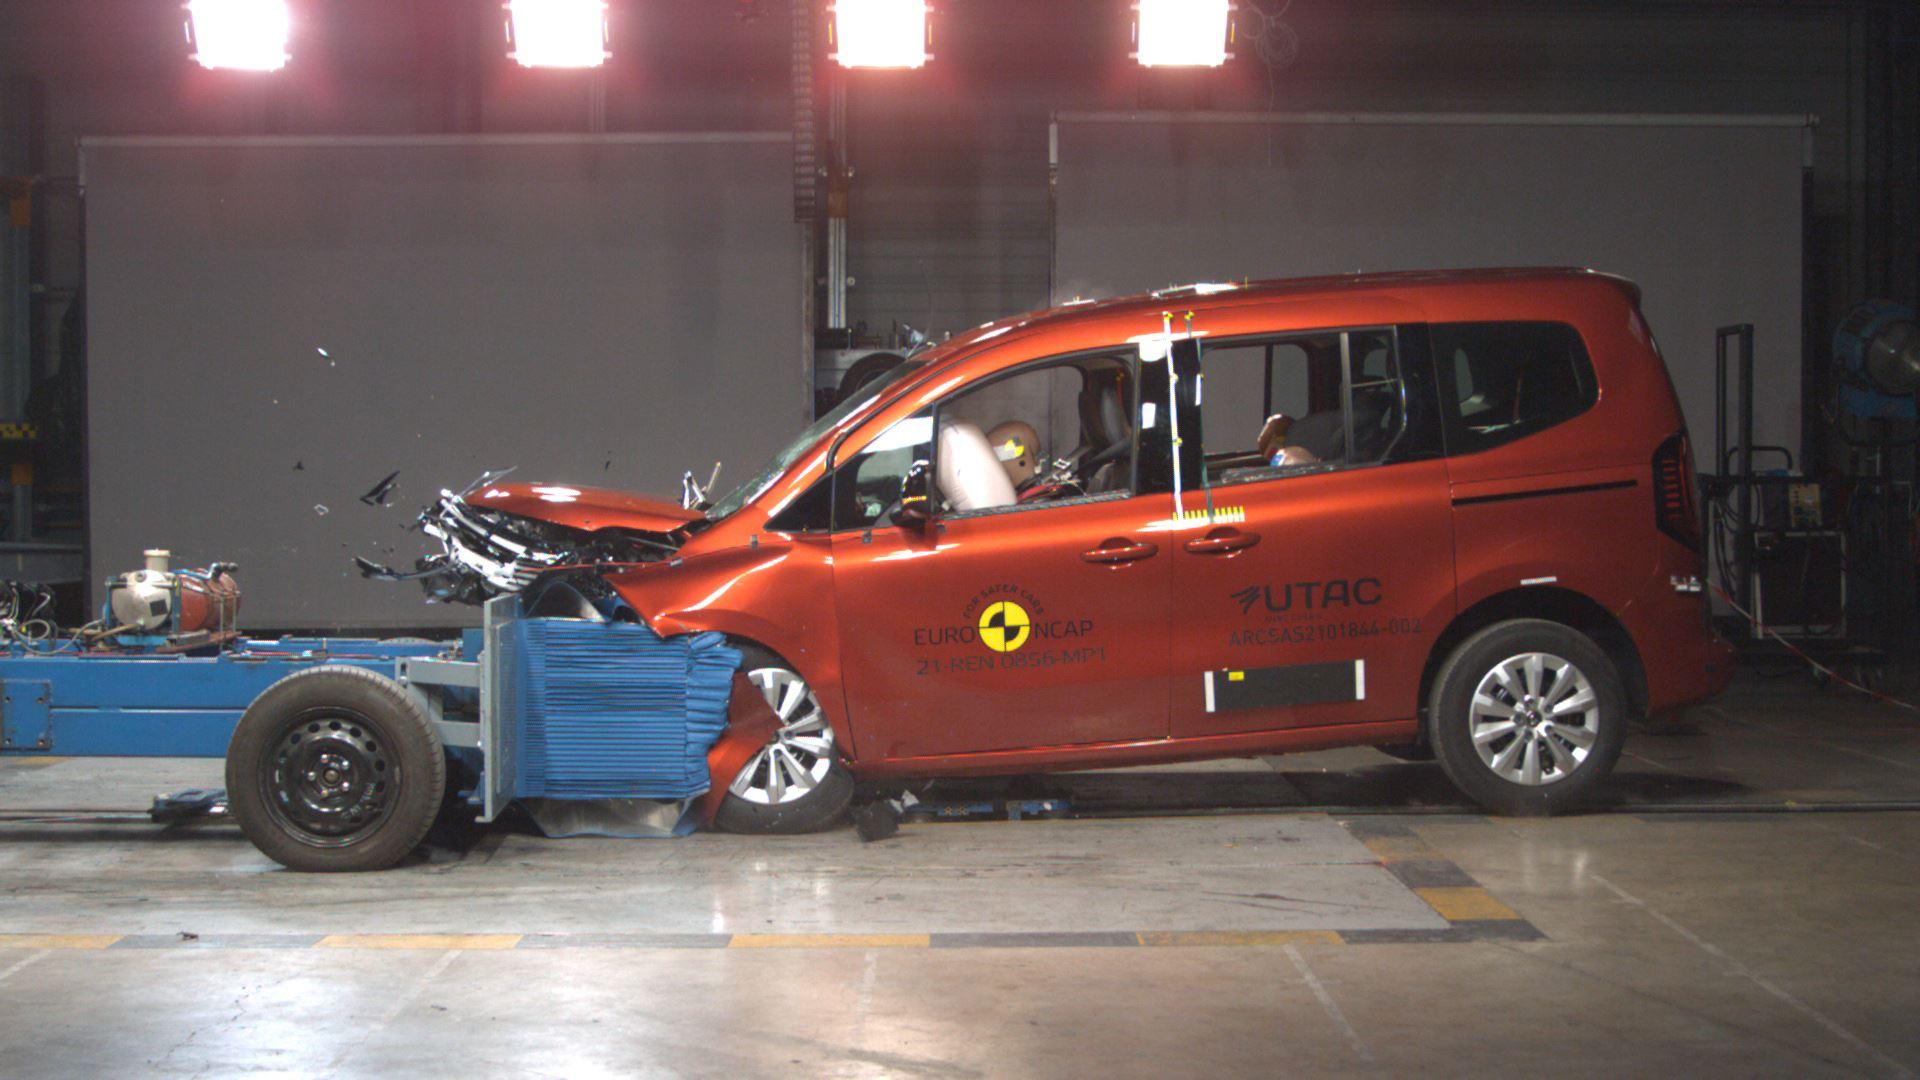 Renault Kangoo - Mobile Progressive Deformable Barrier test 2021